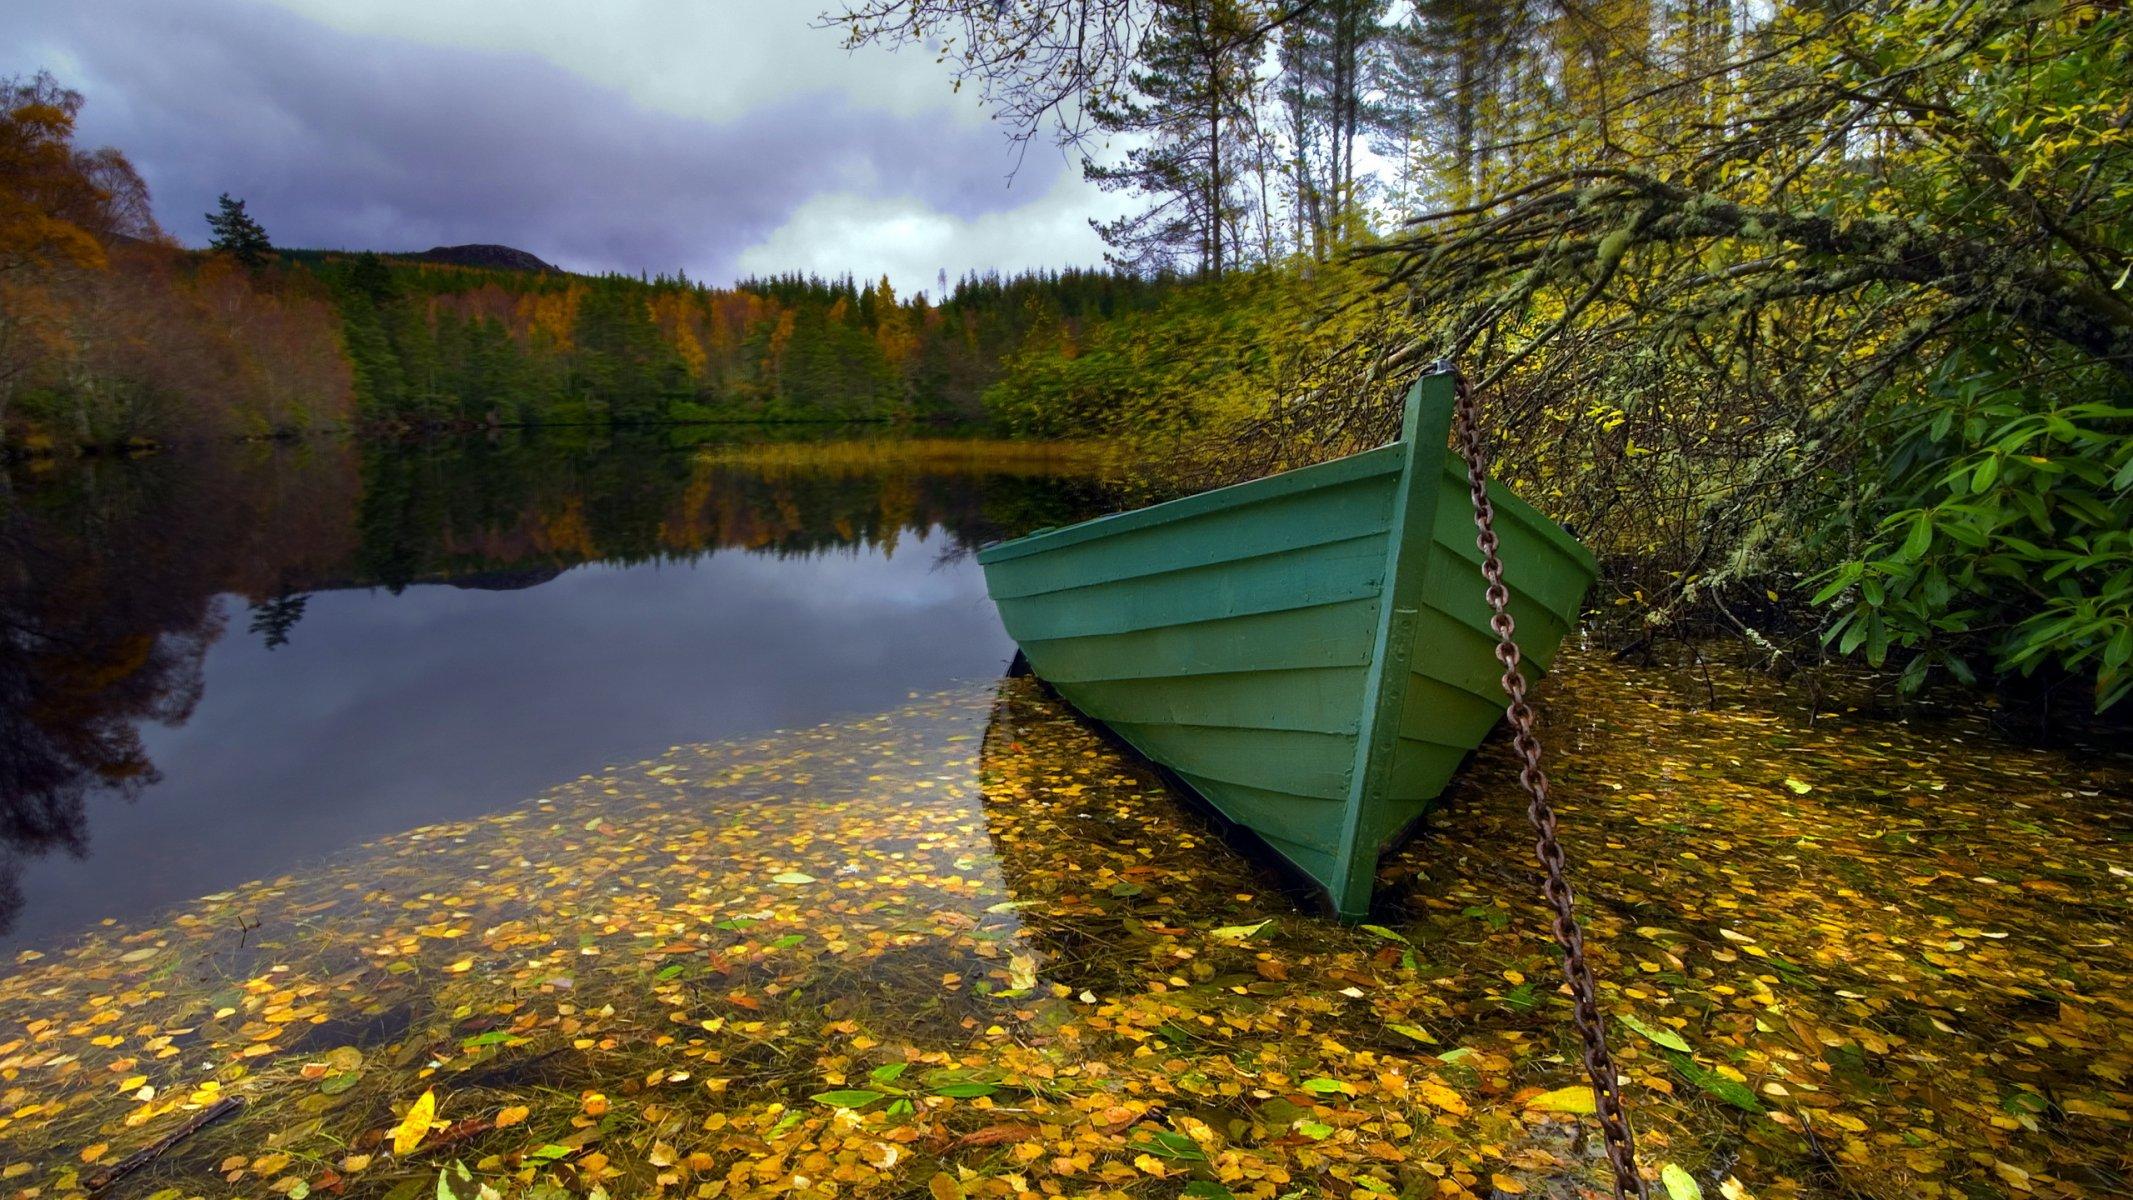 лодка в золотую осень скачать